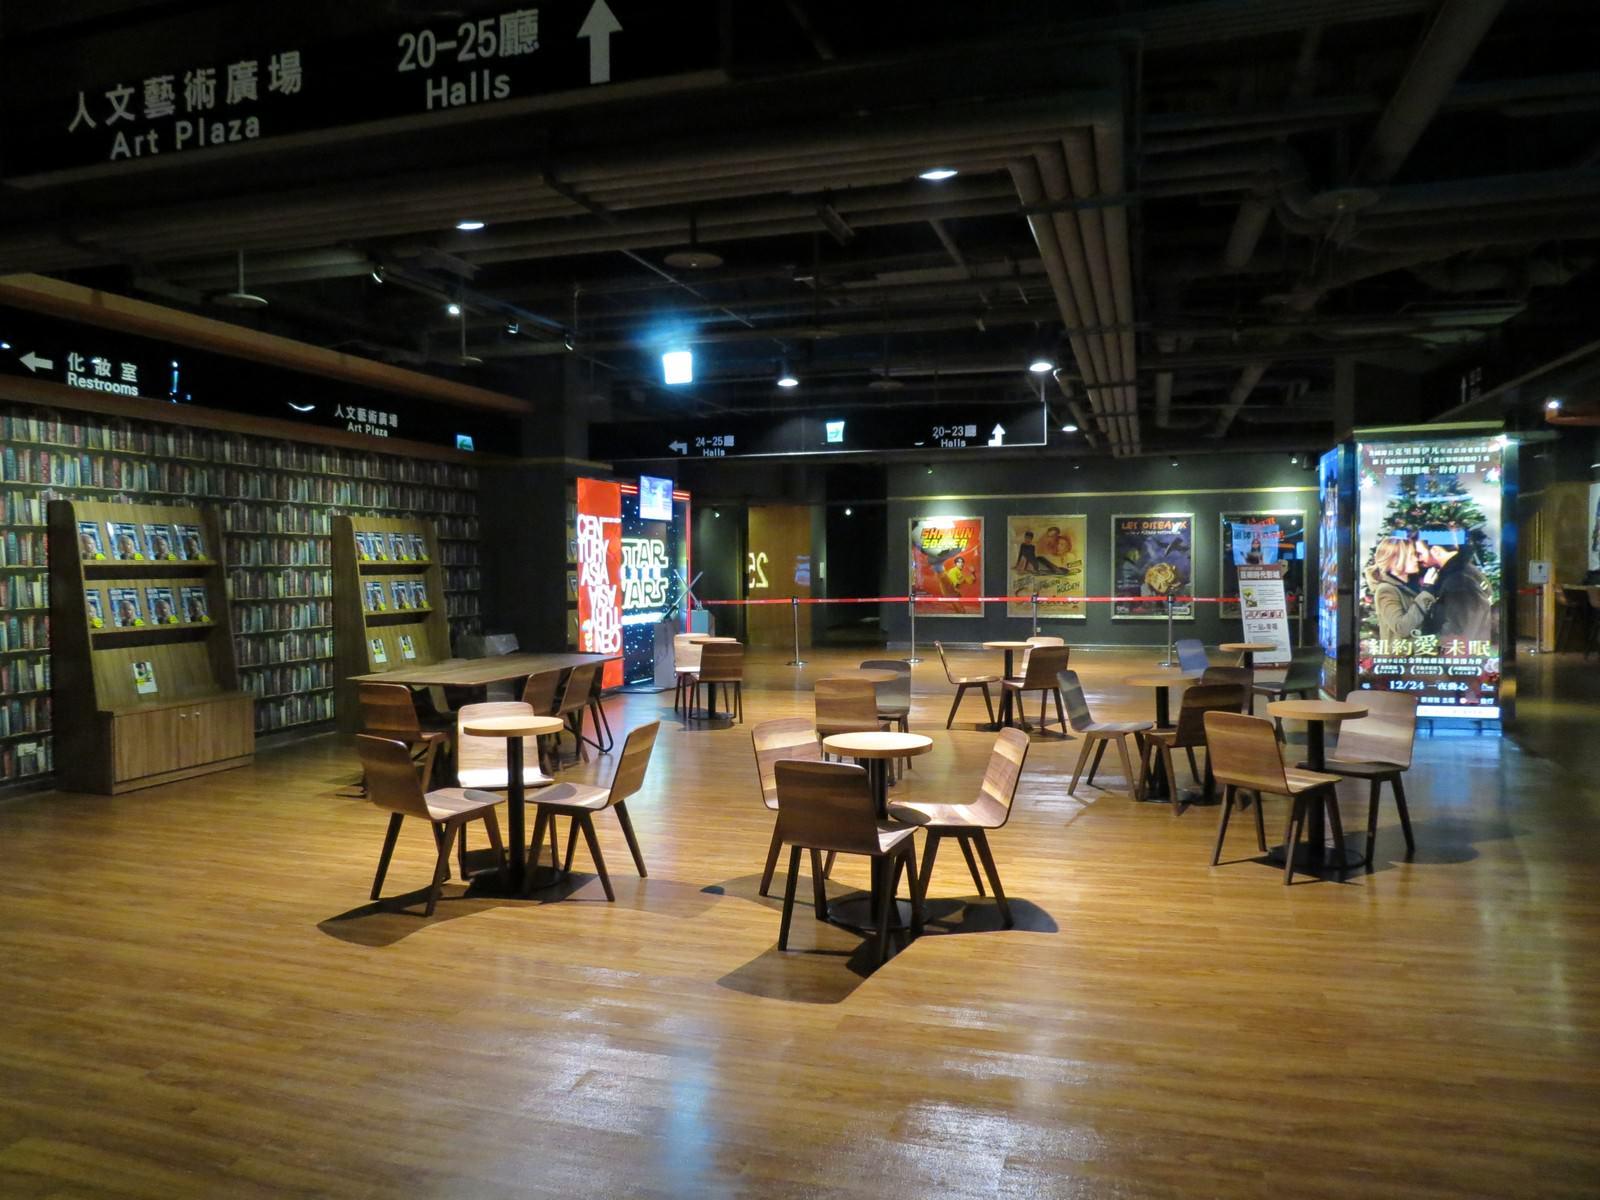 喜樂時代影城南港店, 內部